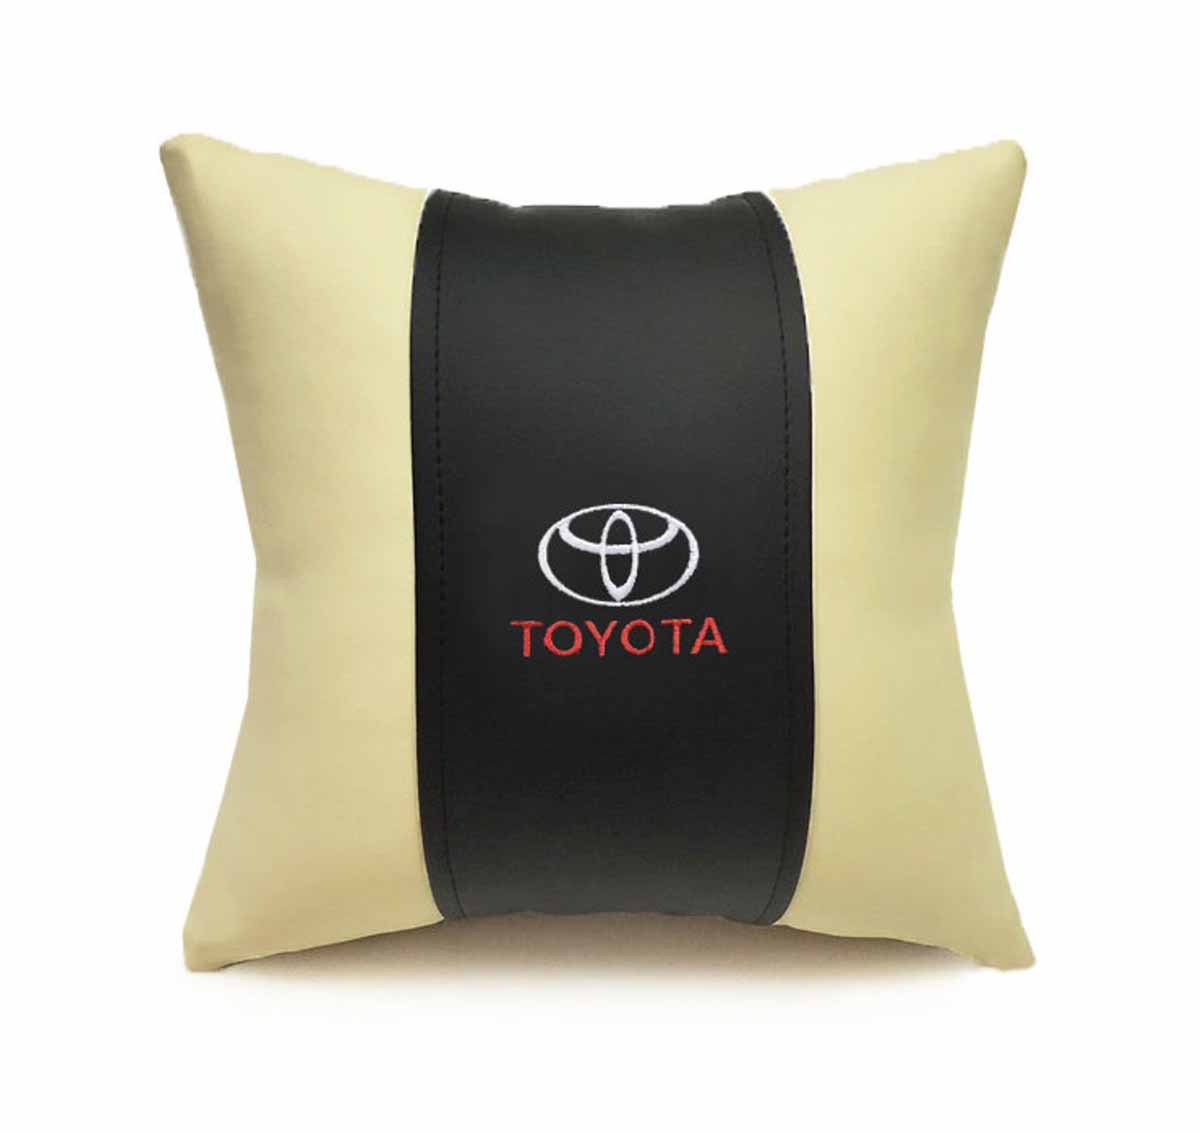 Подушка декоративная Auto Premium Toyota, цвет: черный, бежевый37052Подушка в машину с вышивкой автологотипа Auto Premium Toyota - отличное дополнение для салона вашего авто. Мягкая подушка, изготовленная из матовой экокожи, будет удобна пассажиру. Она долго не перестанет радовать вас своим видом. Оптимальный размер подушки (30 х 30 см) не загромождает салон автомобиля.